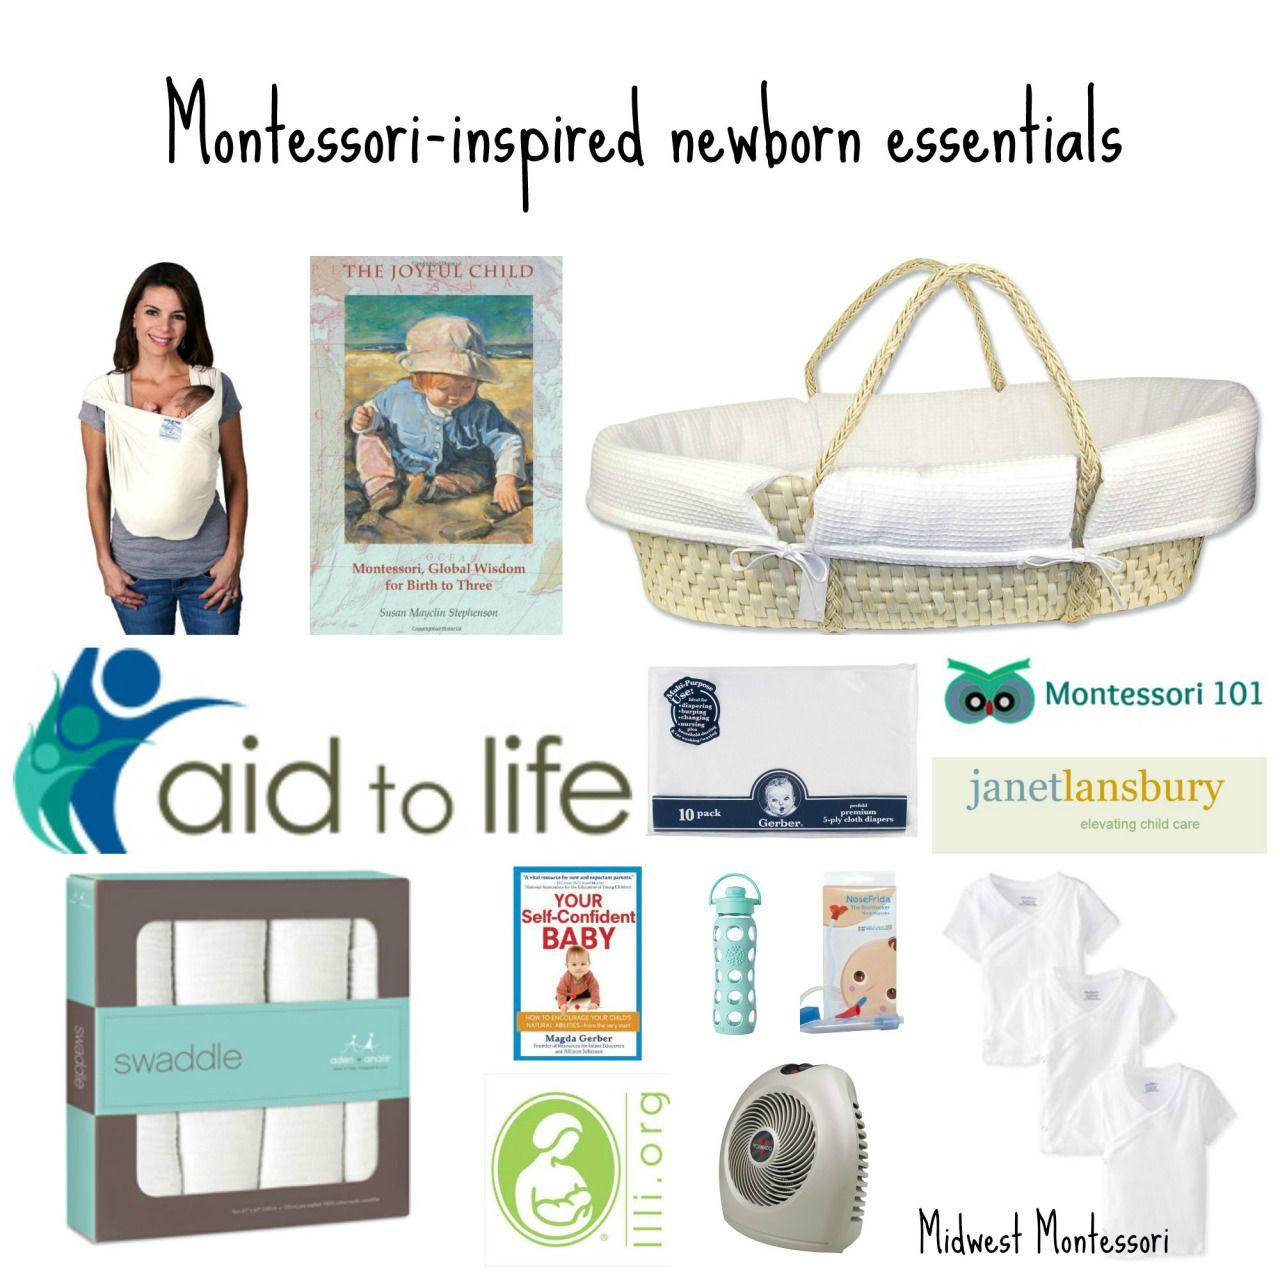 les 25 meilleures id es de la cat gorie montessori blog sur pinterest motricit fine. Black Bedroom Furniture Sets. Home Design Ideas